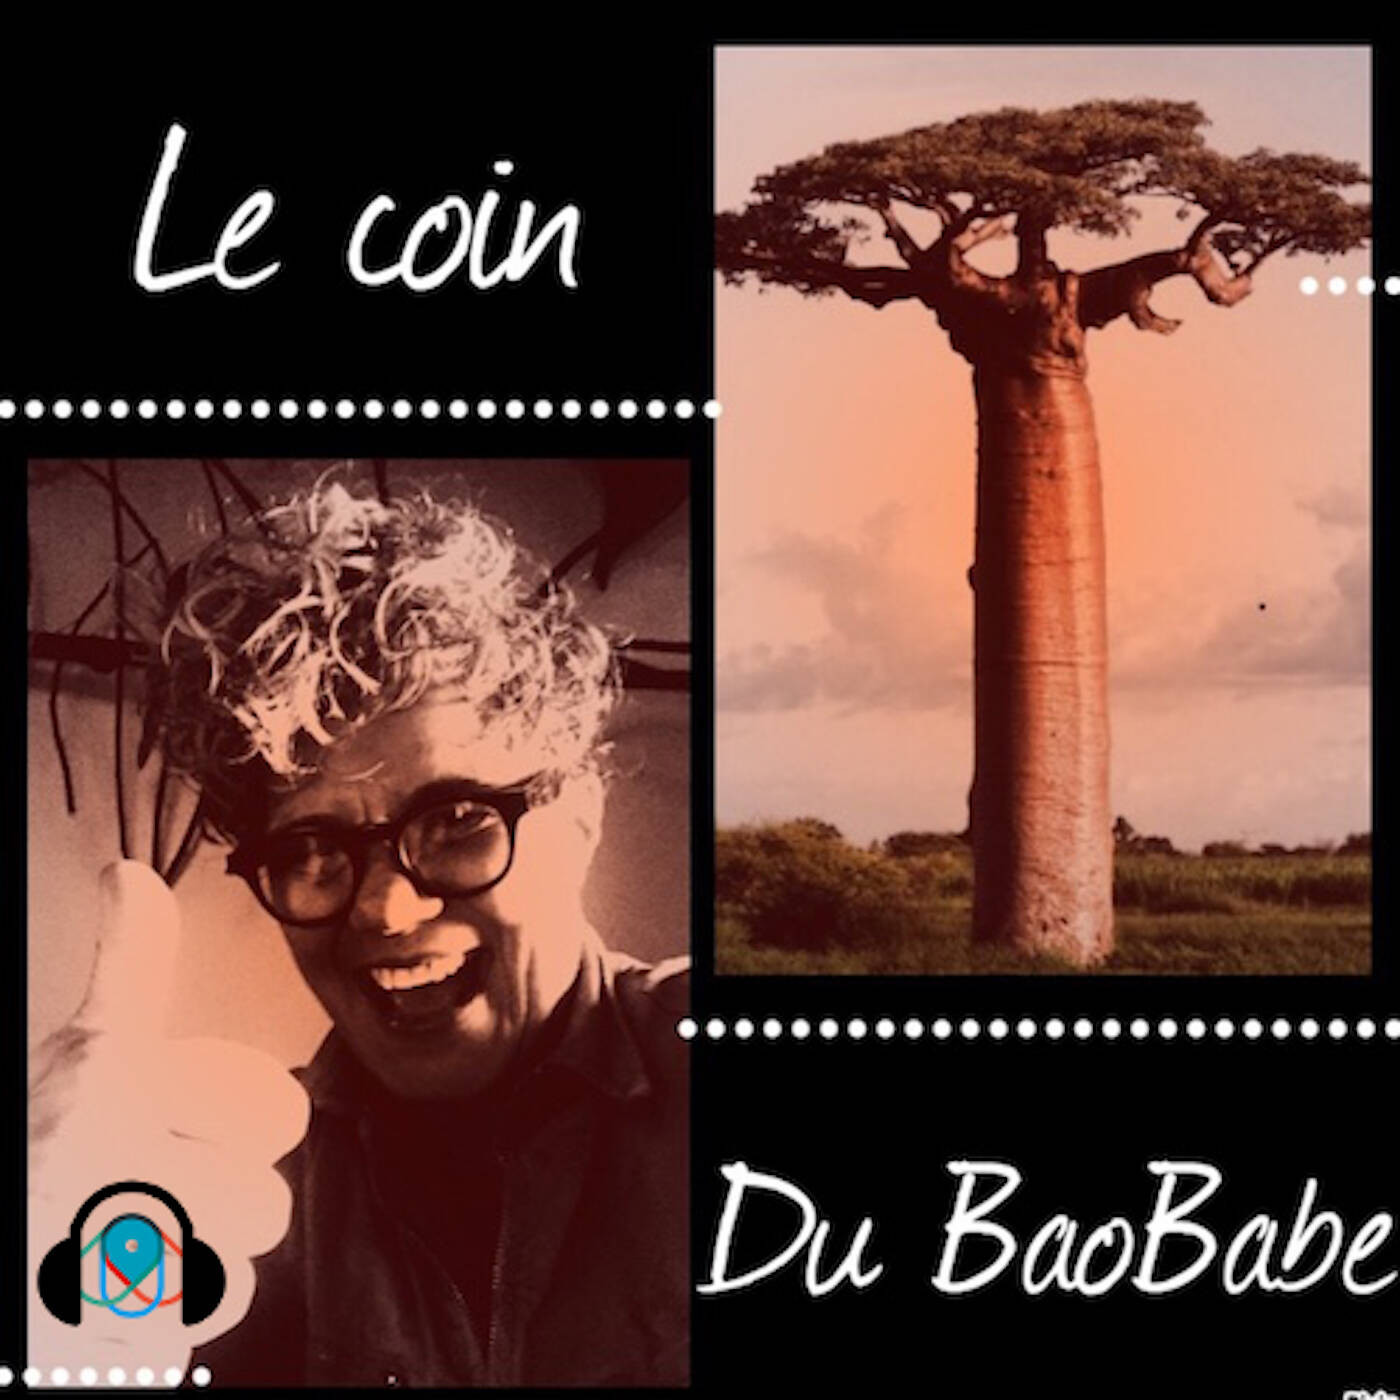 LE COIN DU BAOBABE